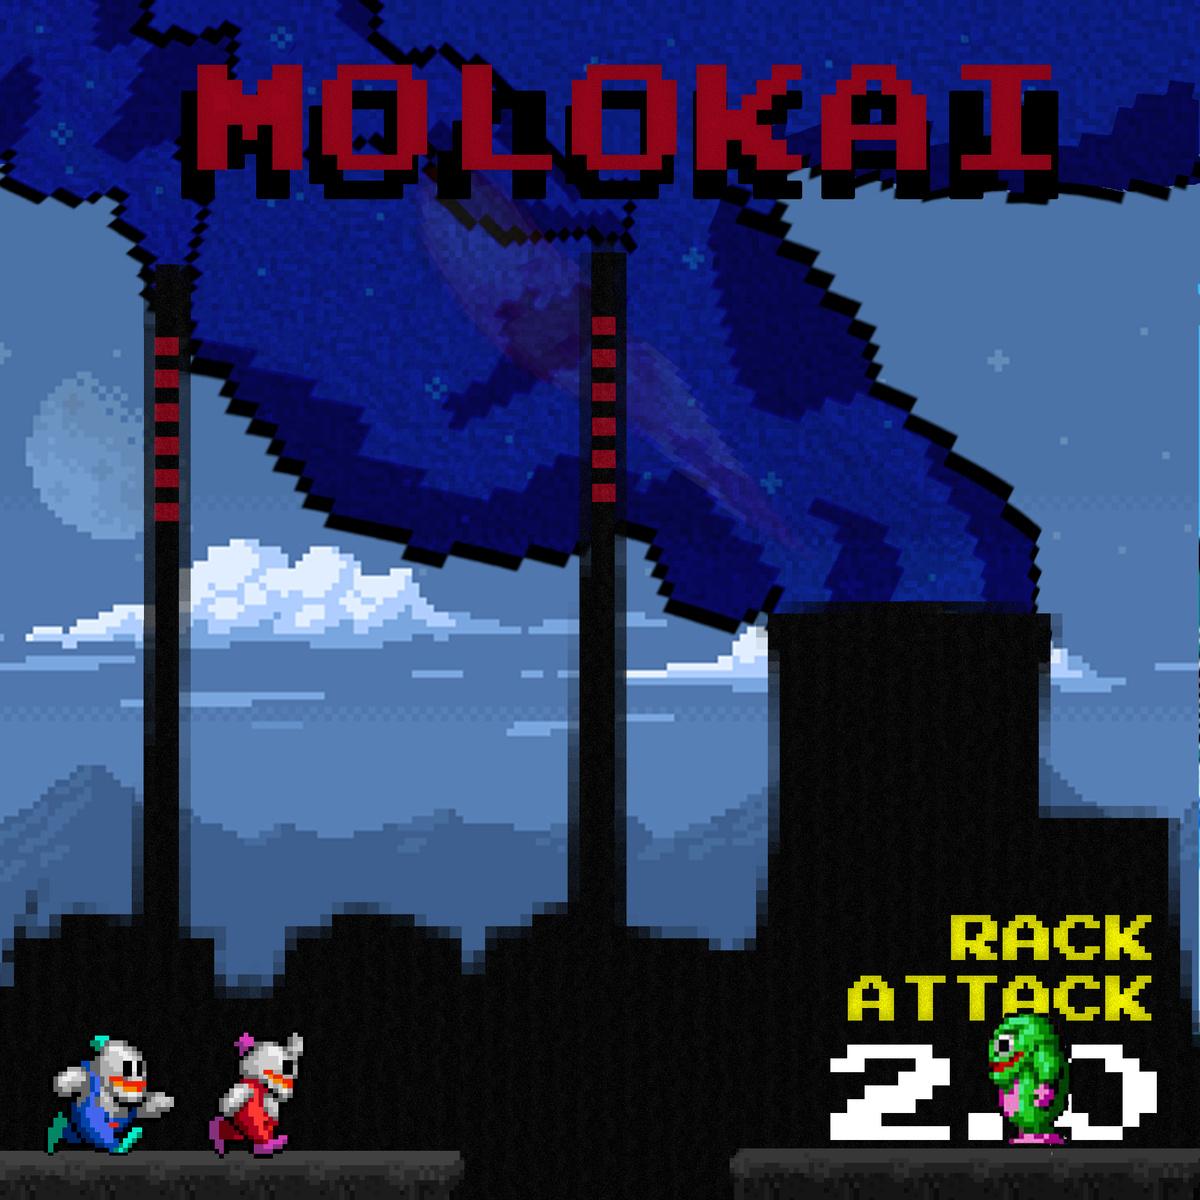 Molokai – Rack attack 2.0